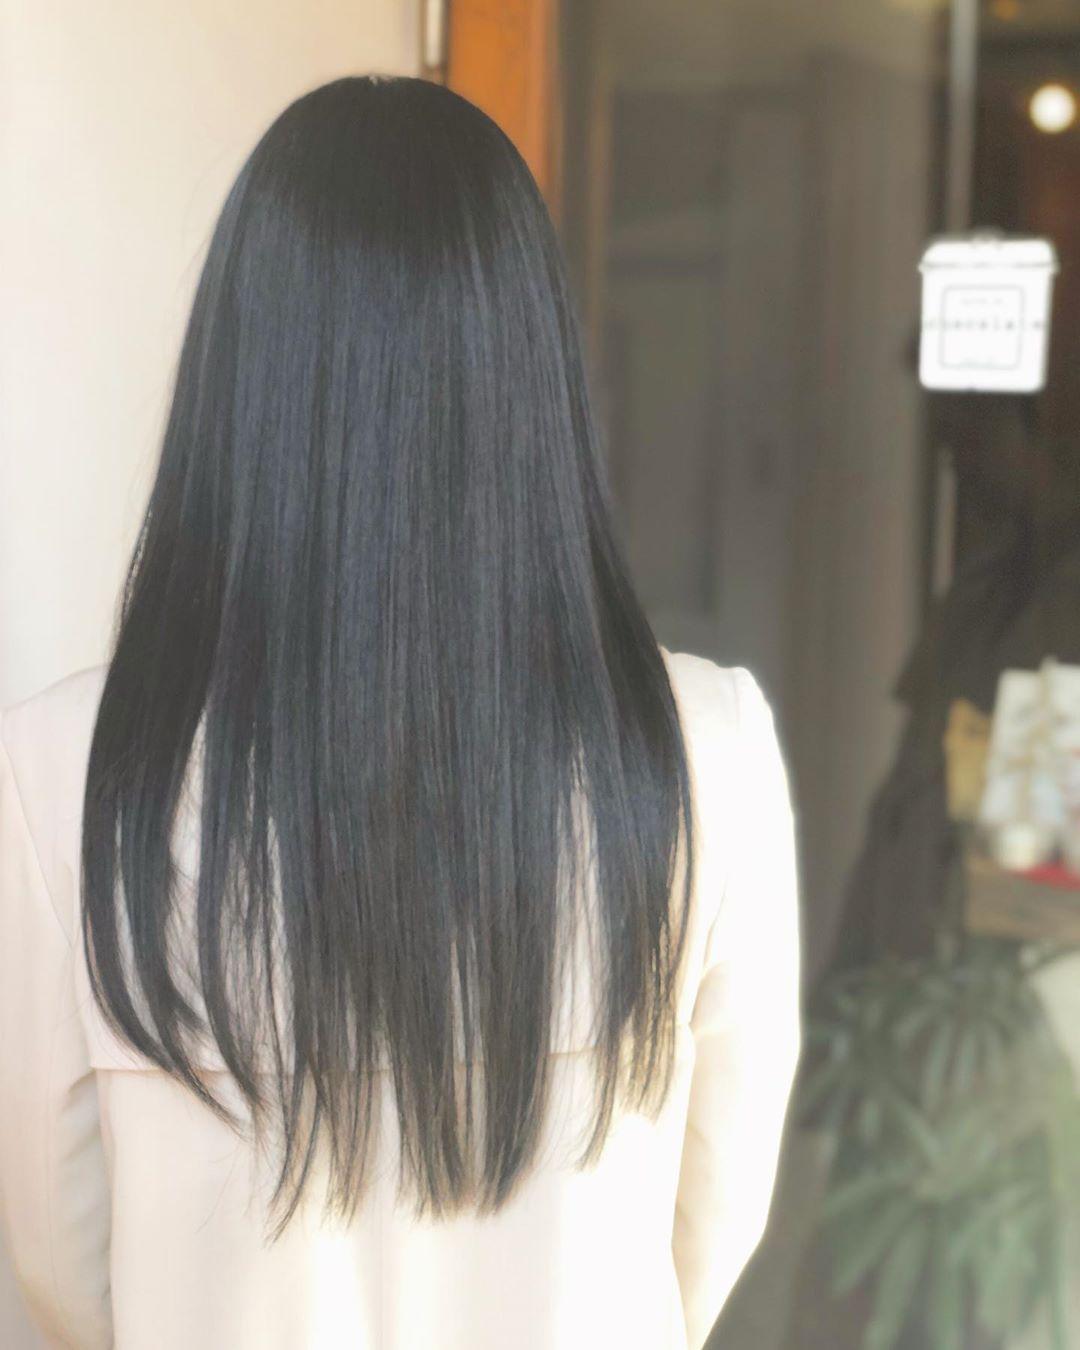 黒髪ロングのサラツヤストレート 伸ばしたいけど毛先のダメージが